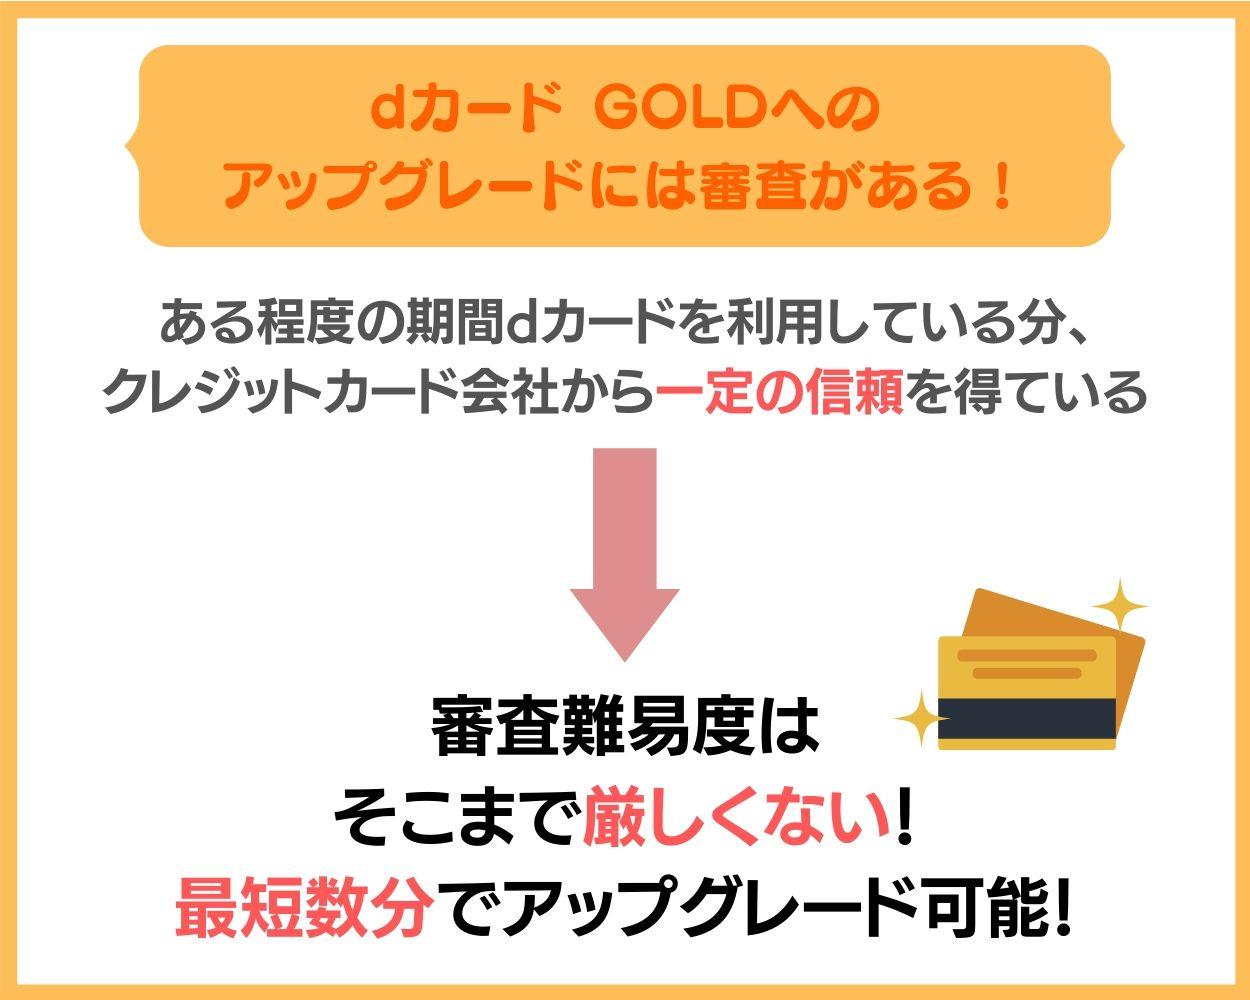 dカード GOLDへのアップグレード・切り替えには審査がある